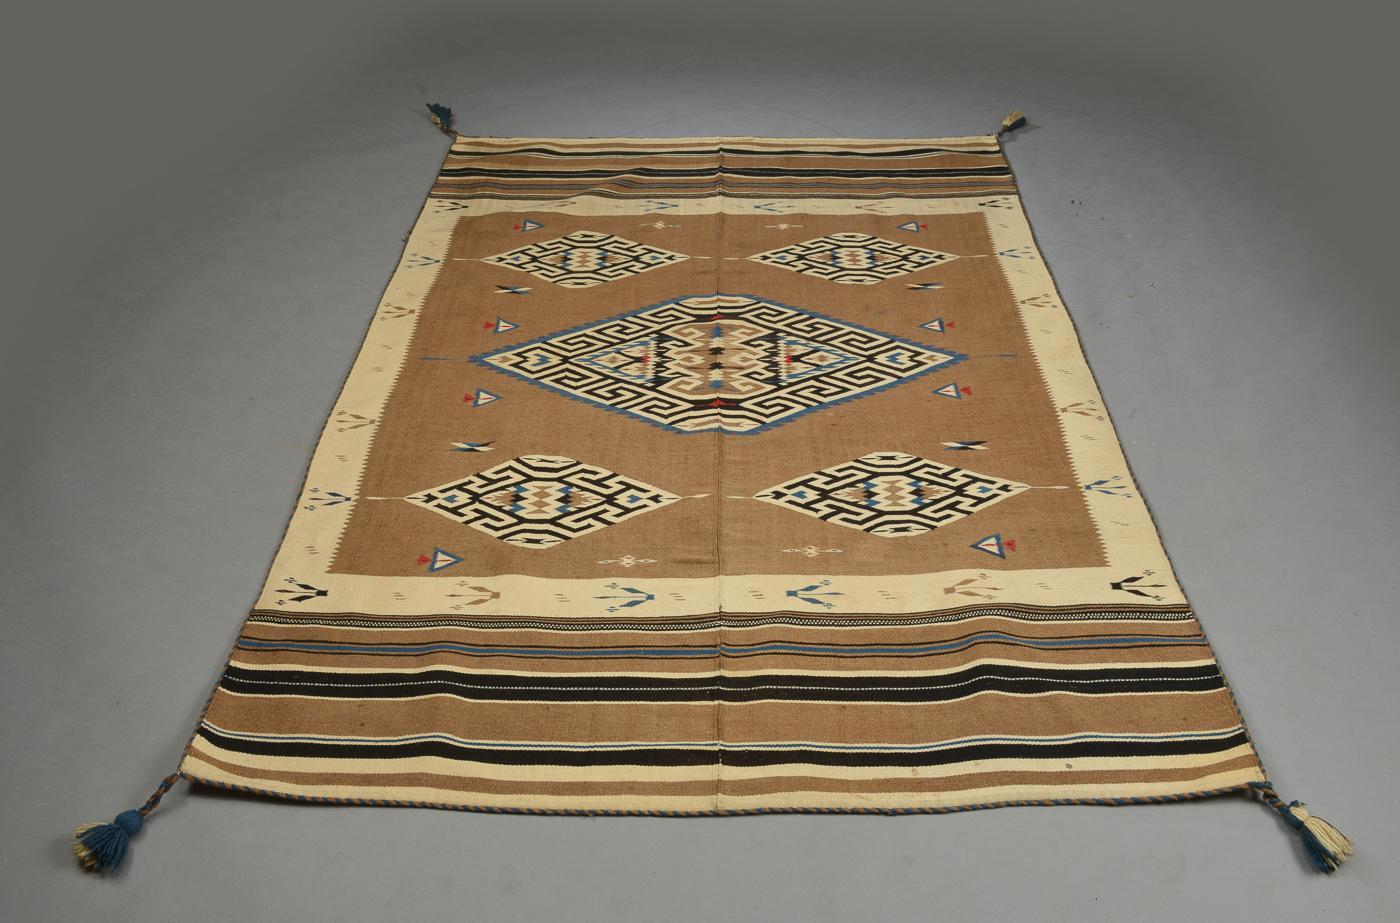 Turkmensk fladvævet tæppe, dekoreret med geometrisk ornamentik - Turkmensk fladvævet tæppe, dekoreret med geometrisk ornamentik. 142 x 207 cm